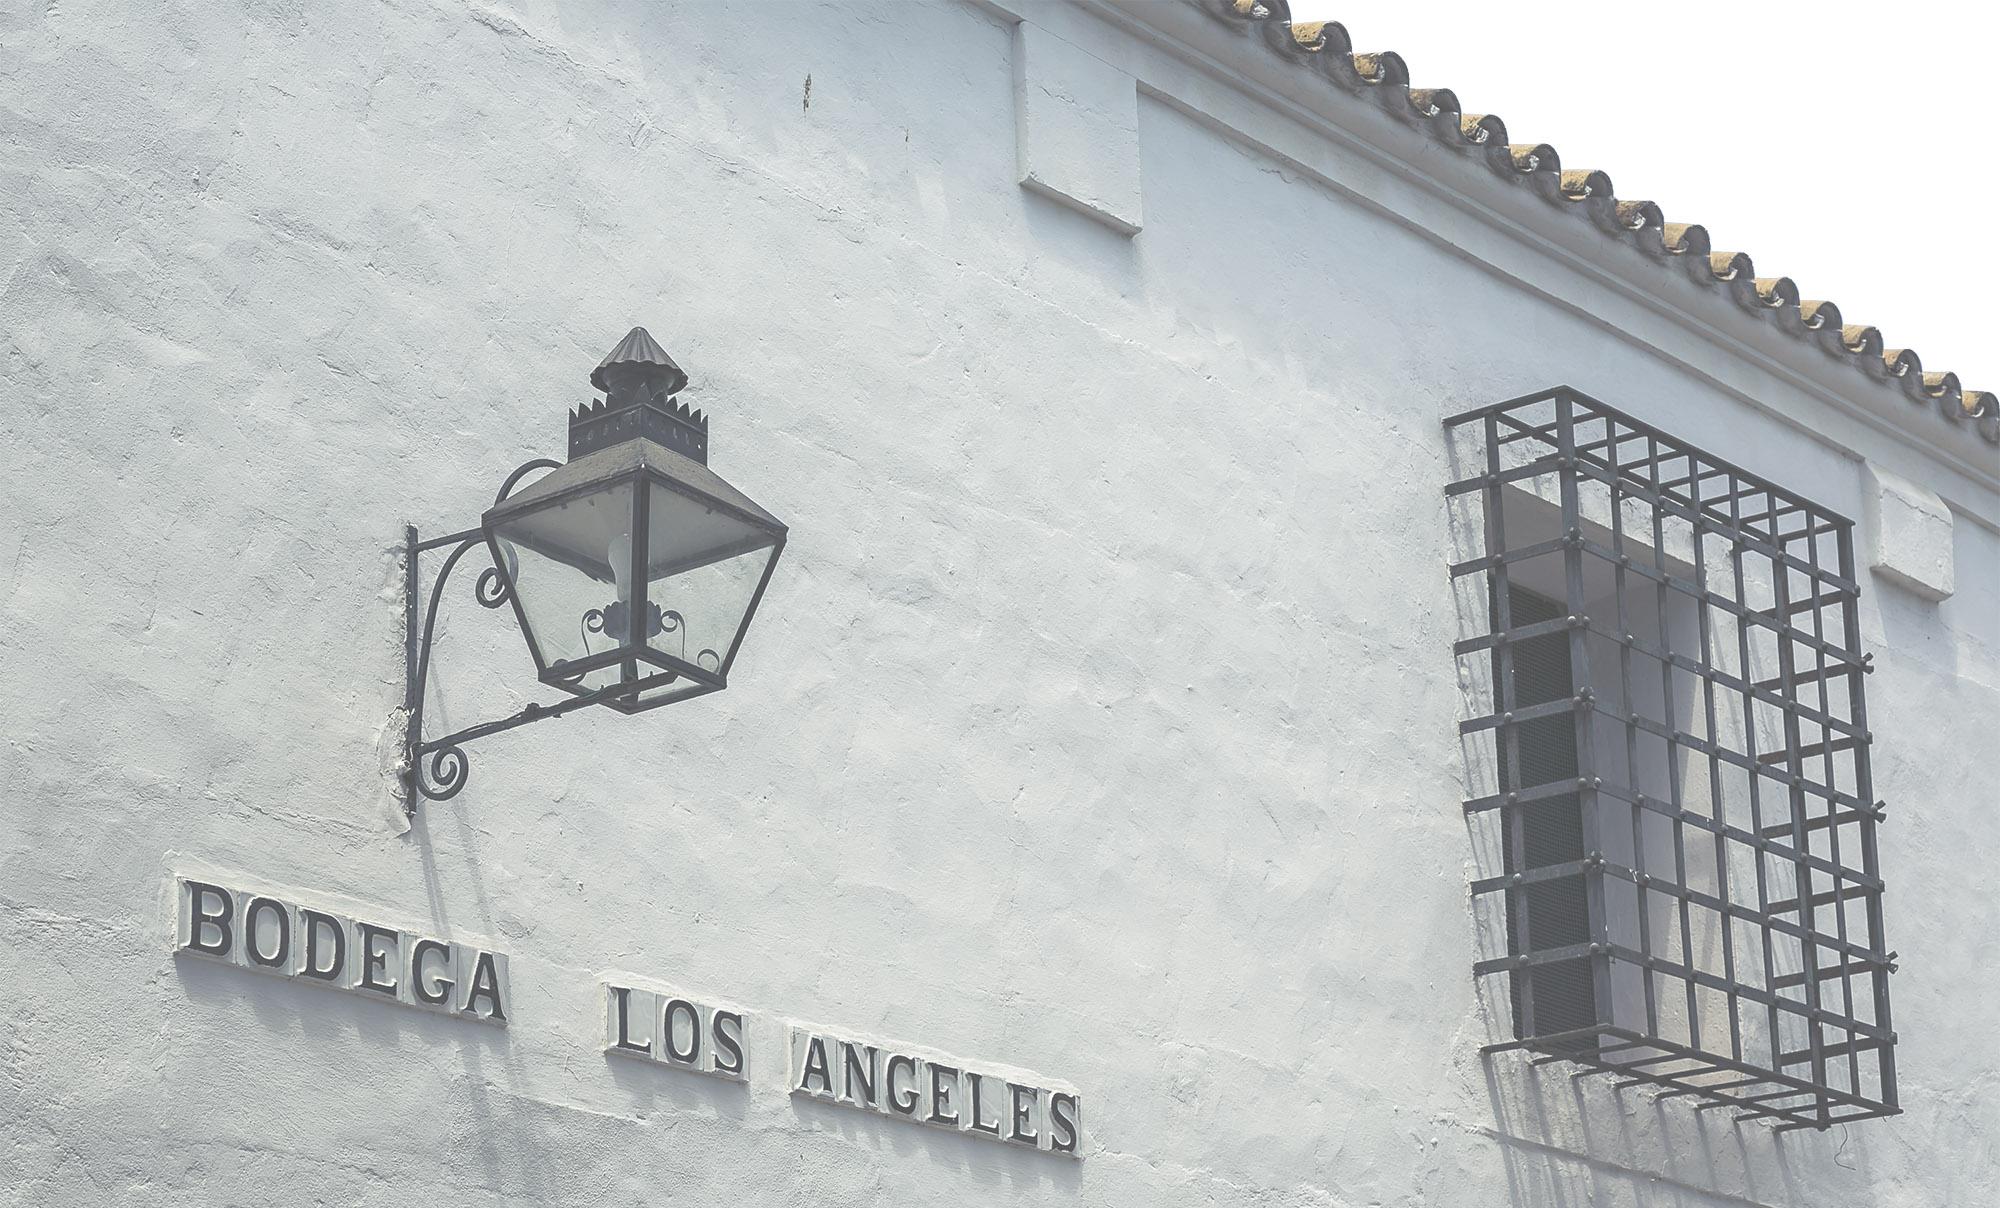 Detalle de la bodega Los Angeles